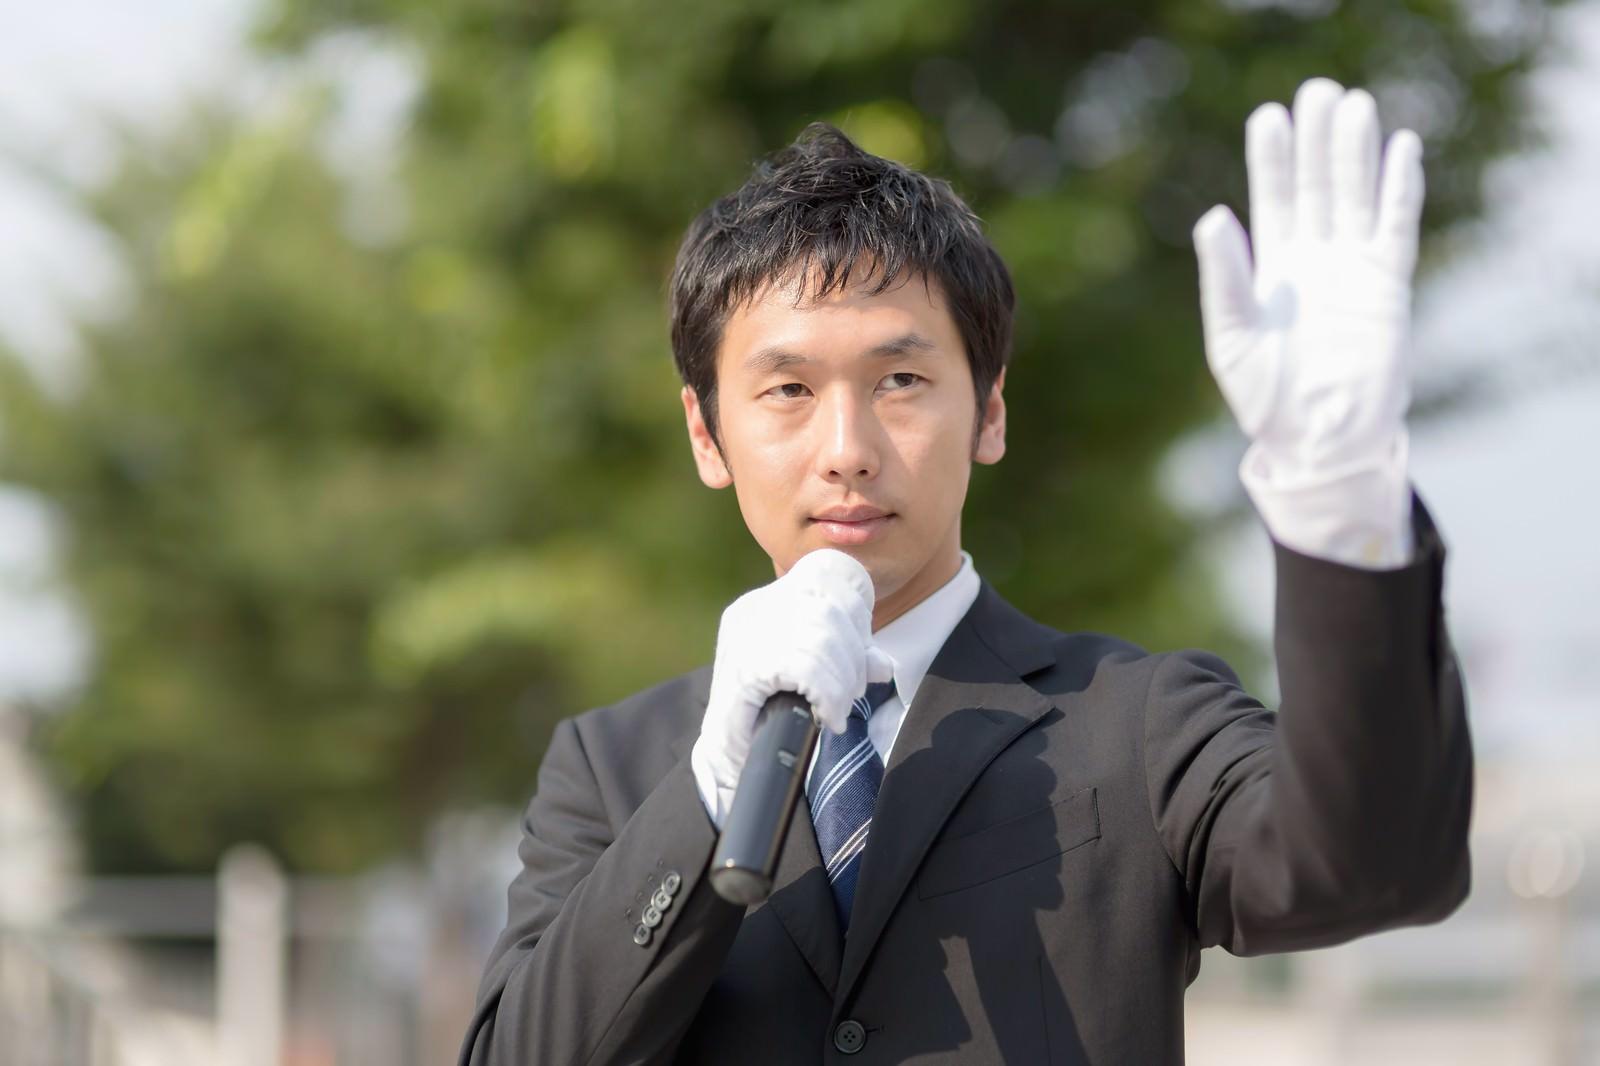 「手を振りクリーンなイメージをPRする若い政治家手を振りクリーンなイメージをPRする若い政治家」[モデル:大川竜弥]のフリー写真素材を拡大